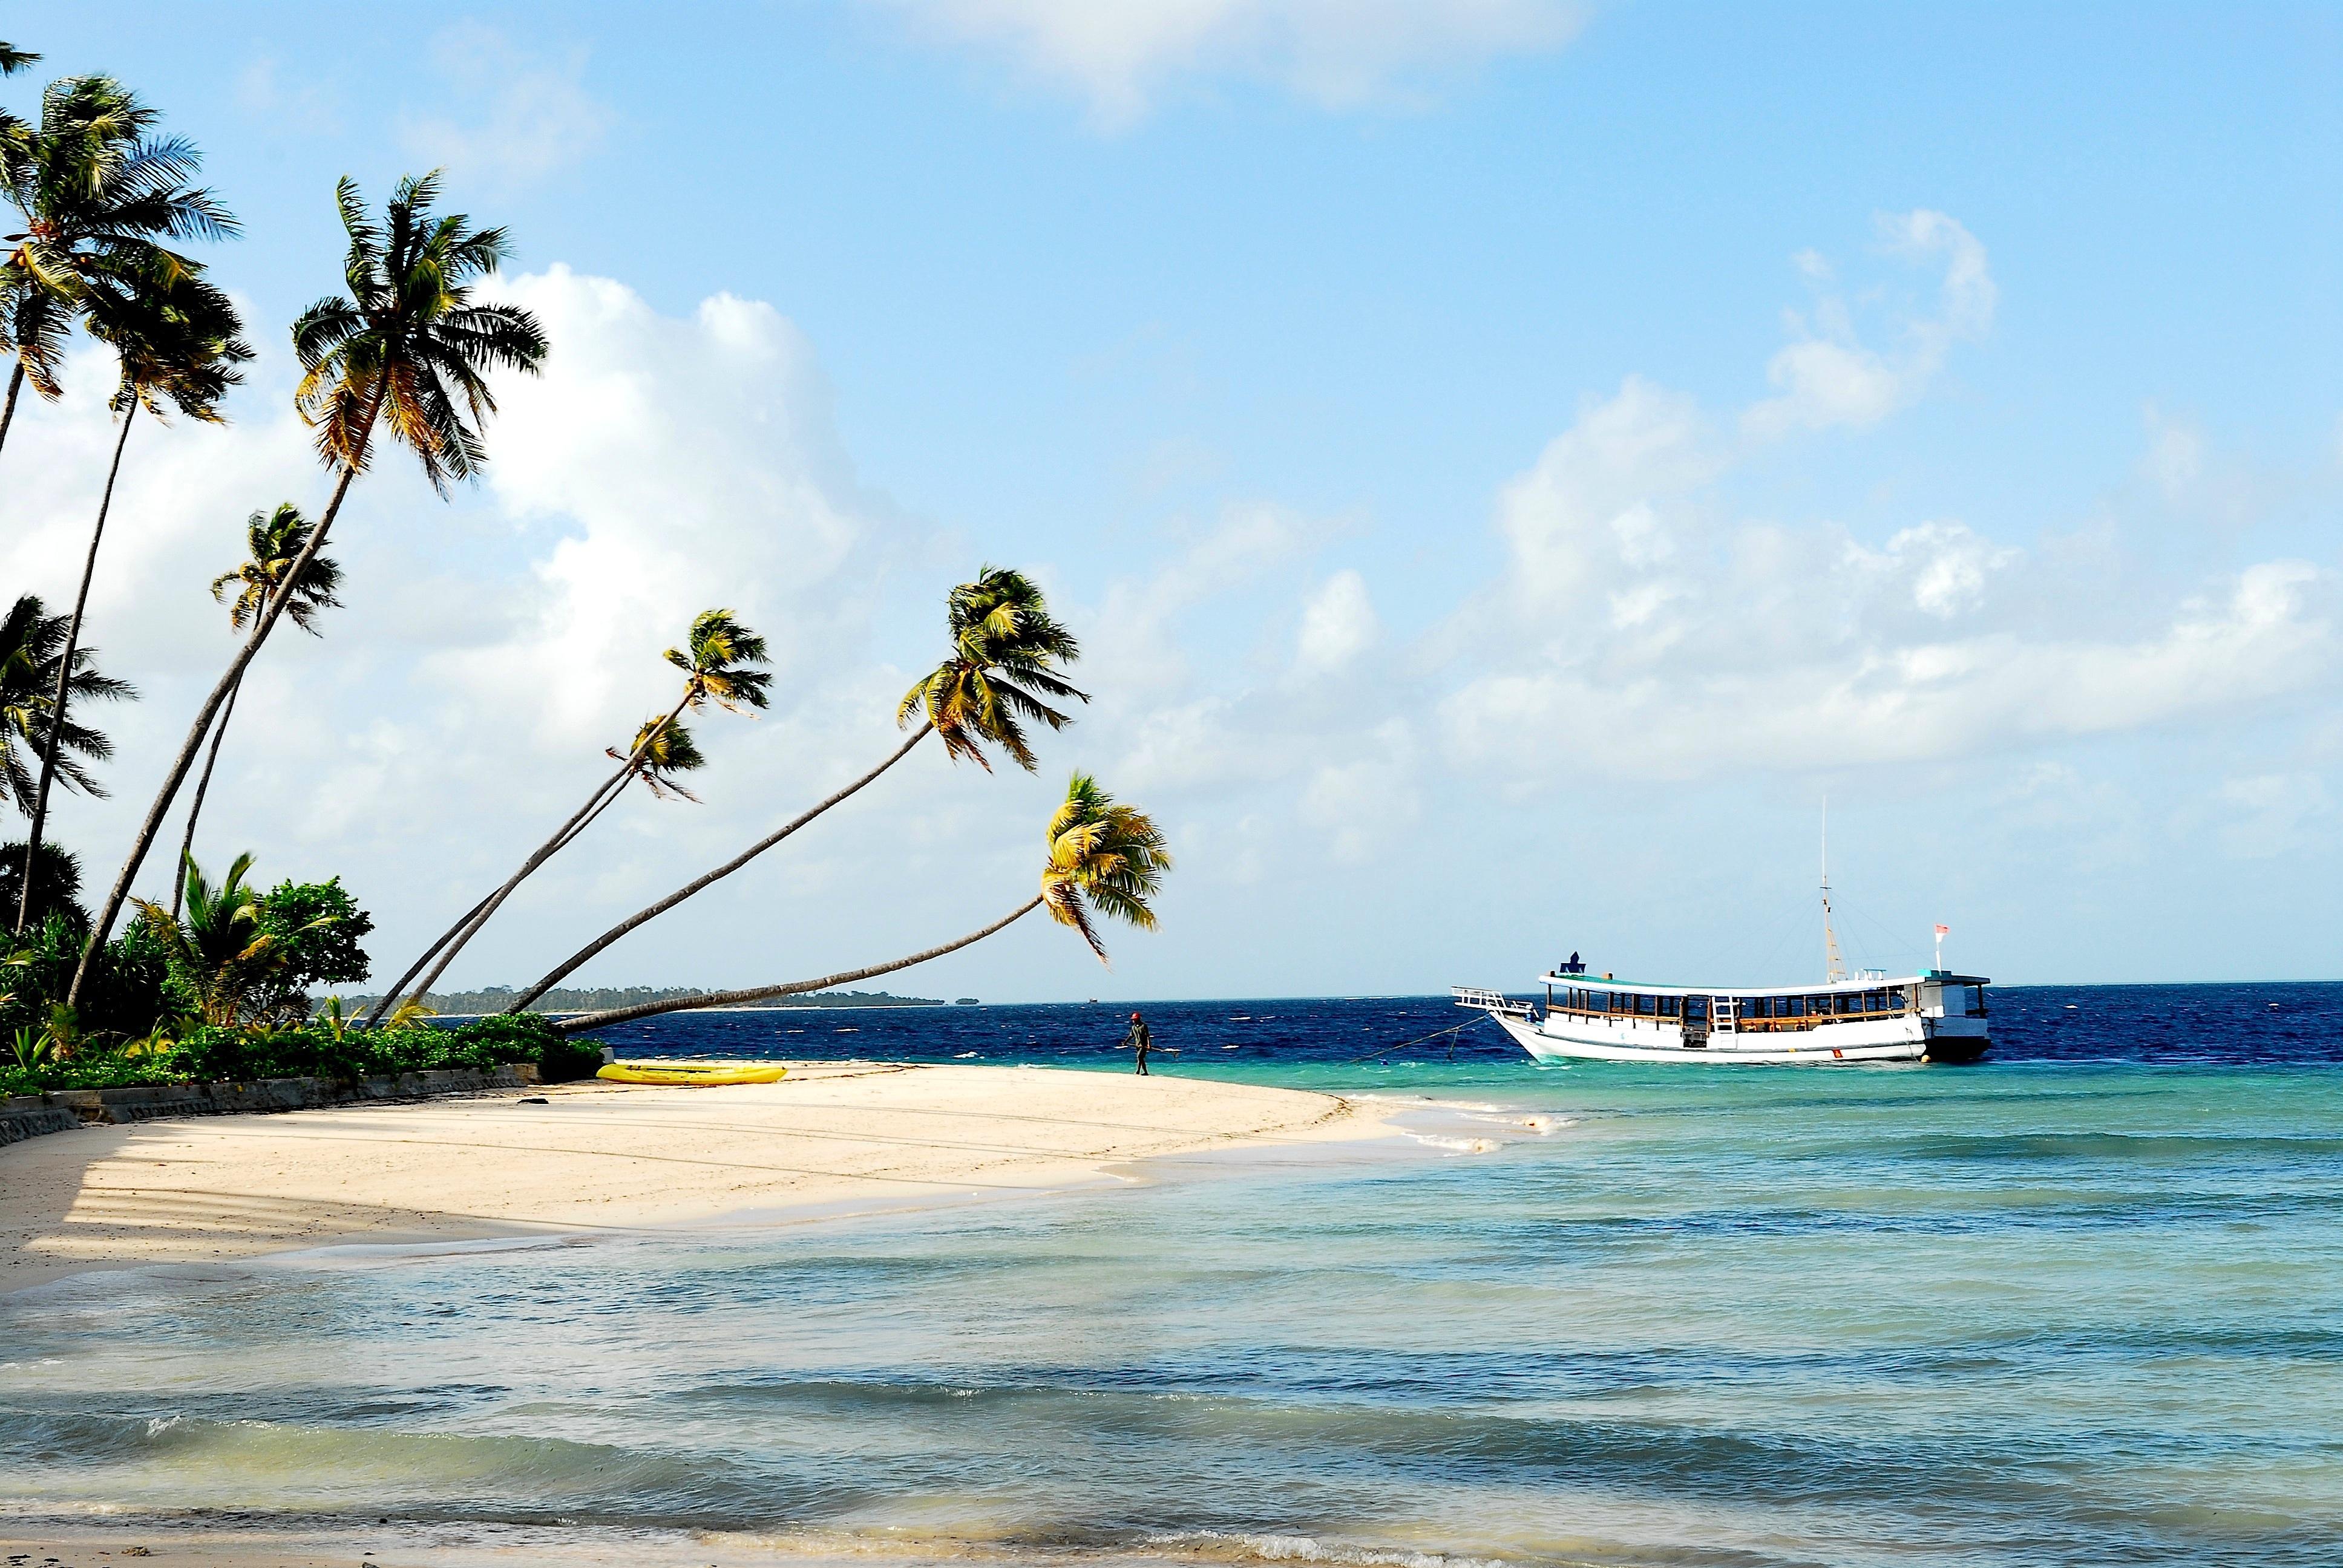 Незабываемое путешествие на райский остров Бали